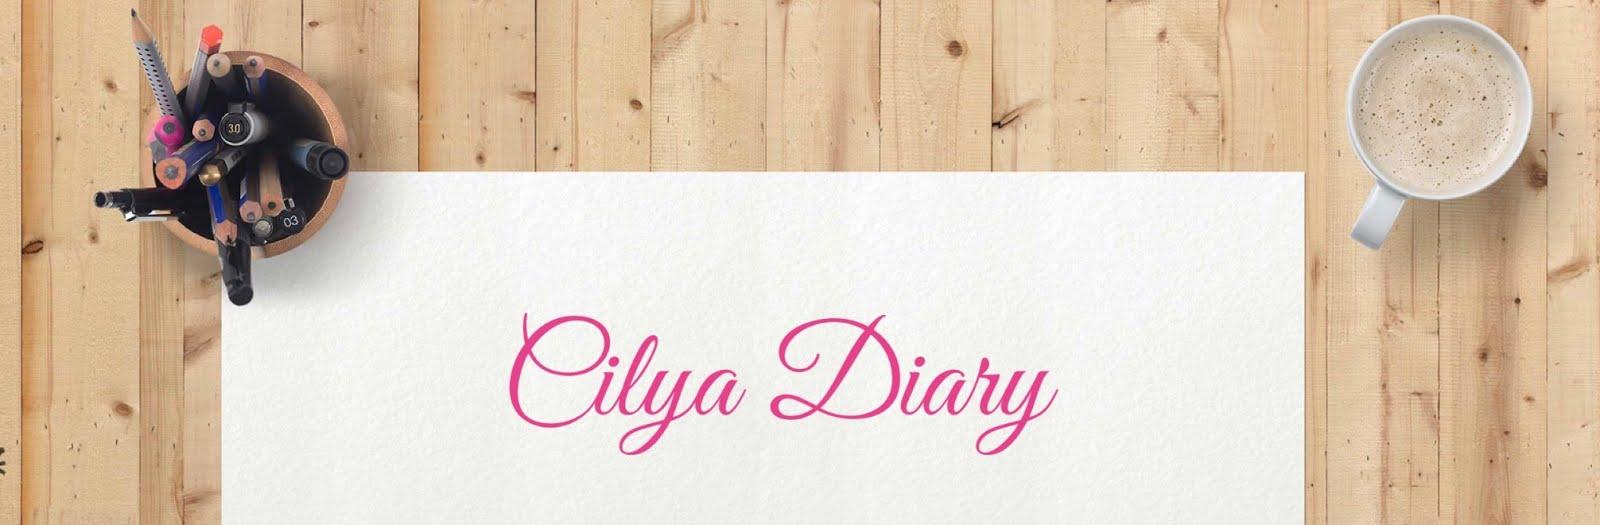 Cilya Diary